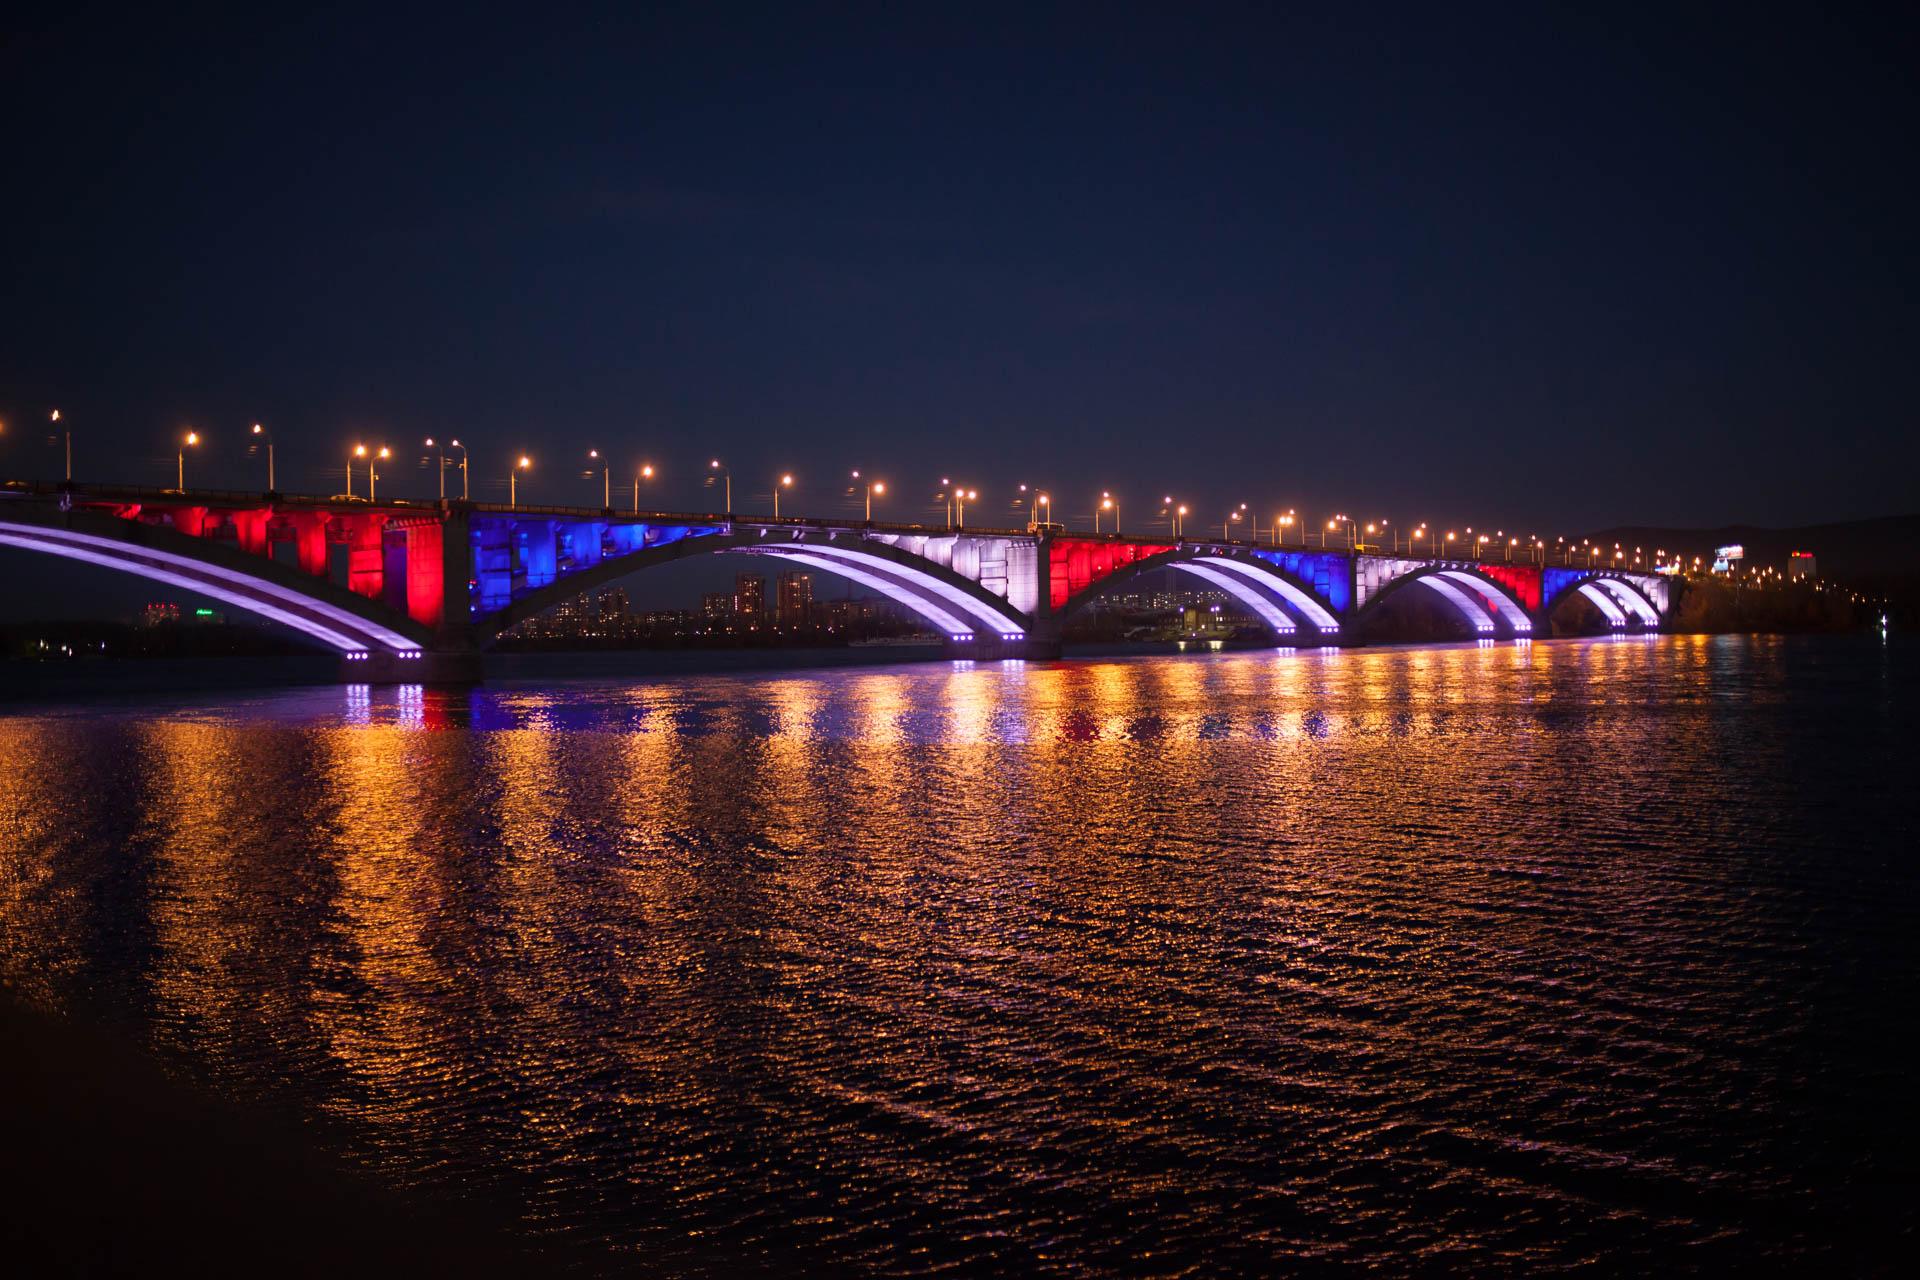 Коммунальный мост подсветка